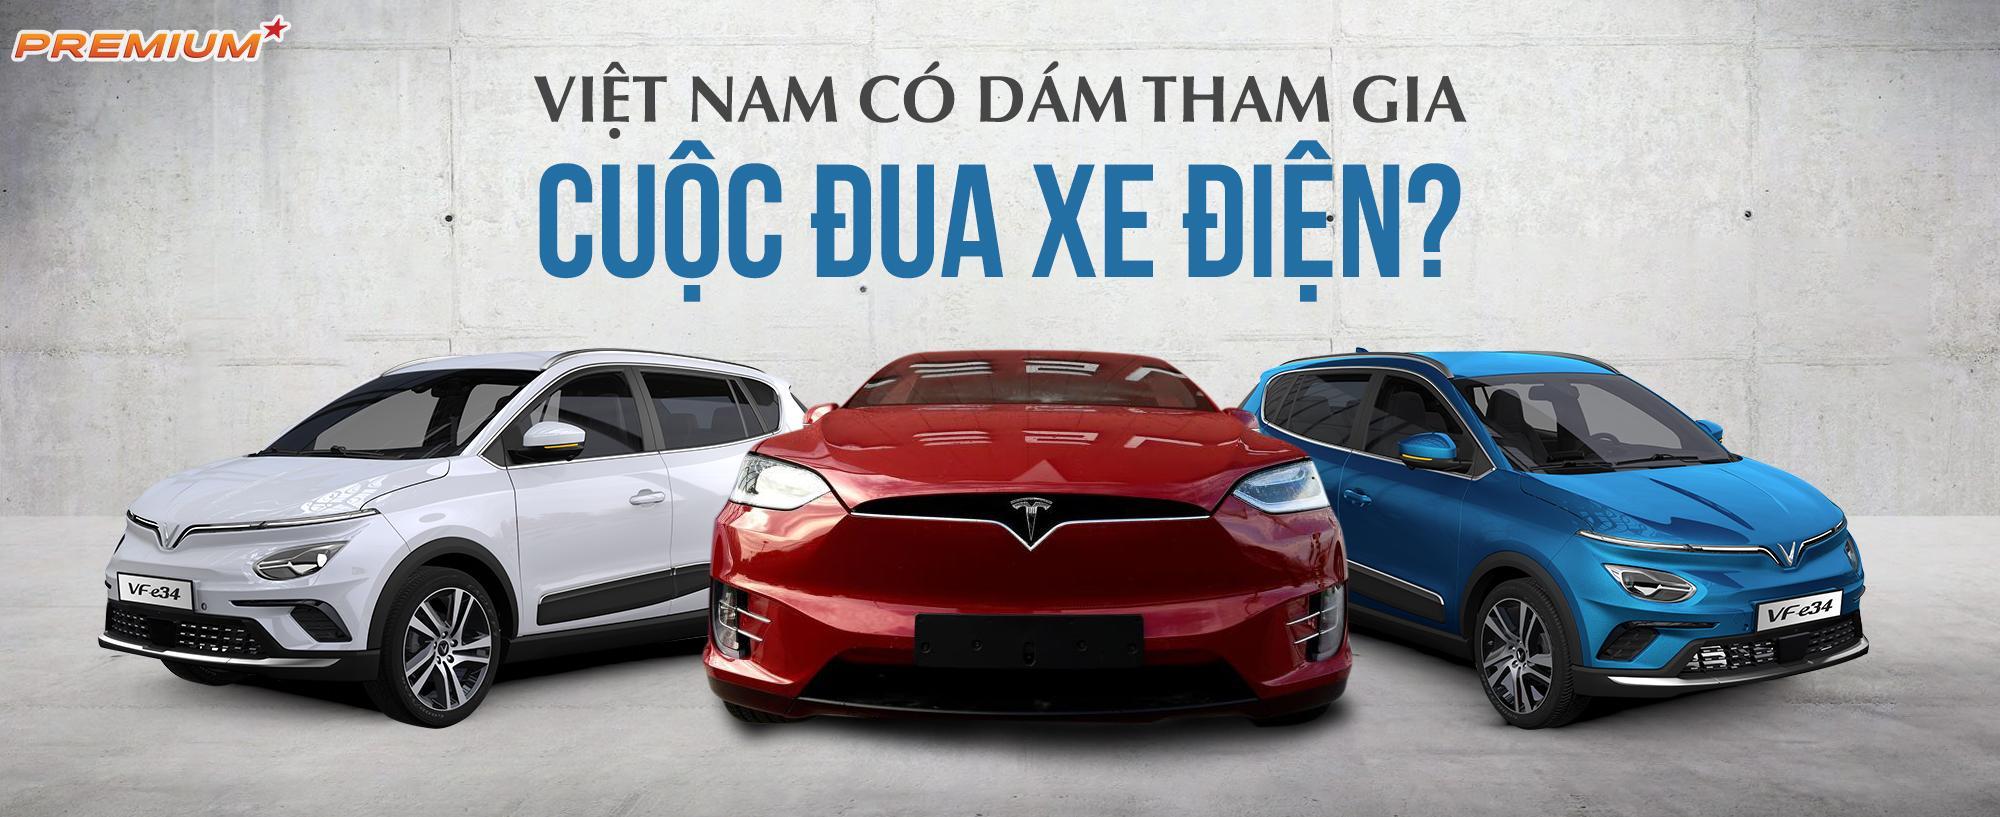 Việt Nam có dám tham gia cuộc đua xe điện?